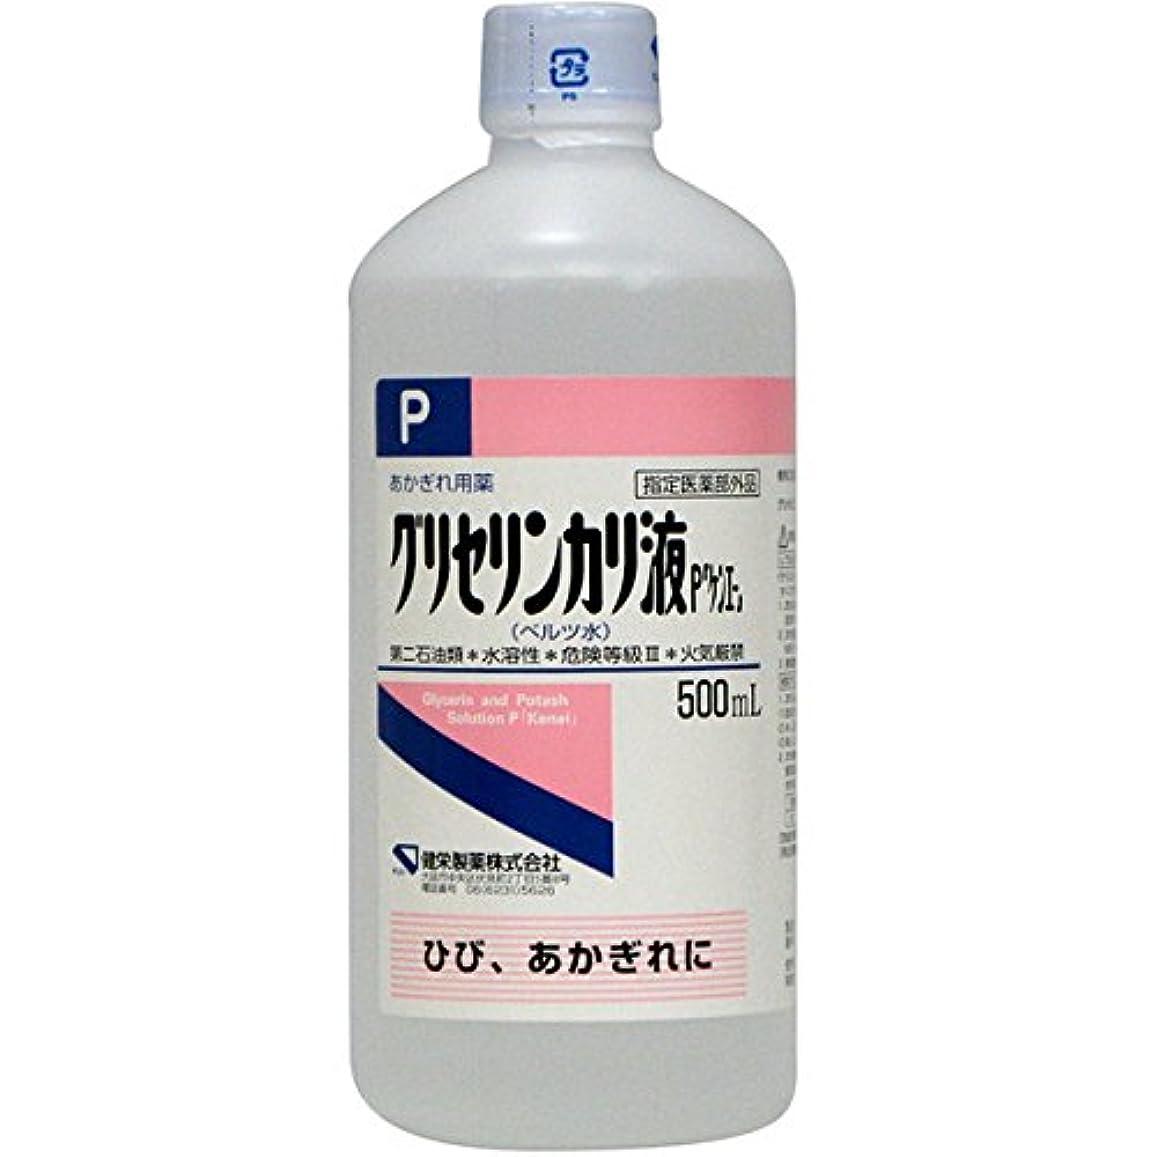 減少発行機会健栄製薬 グリセリンカリ液 ベルツ水 500ml